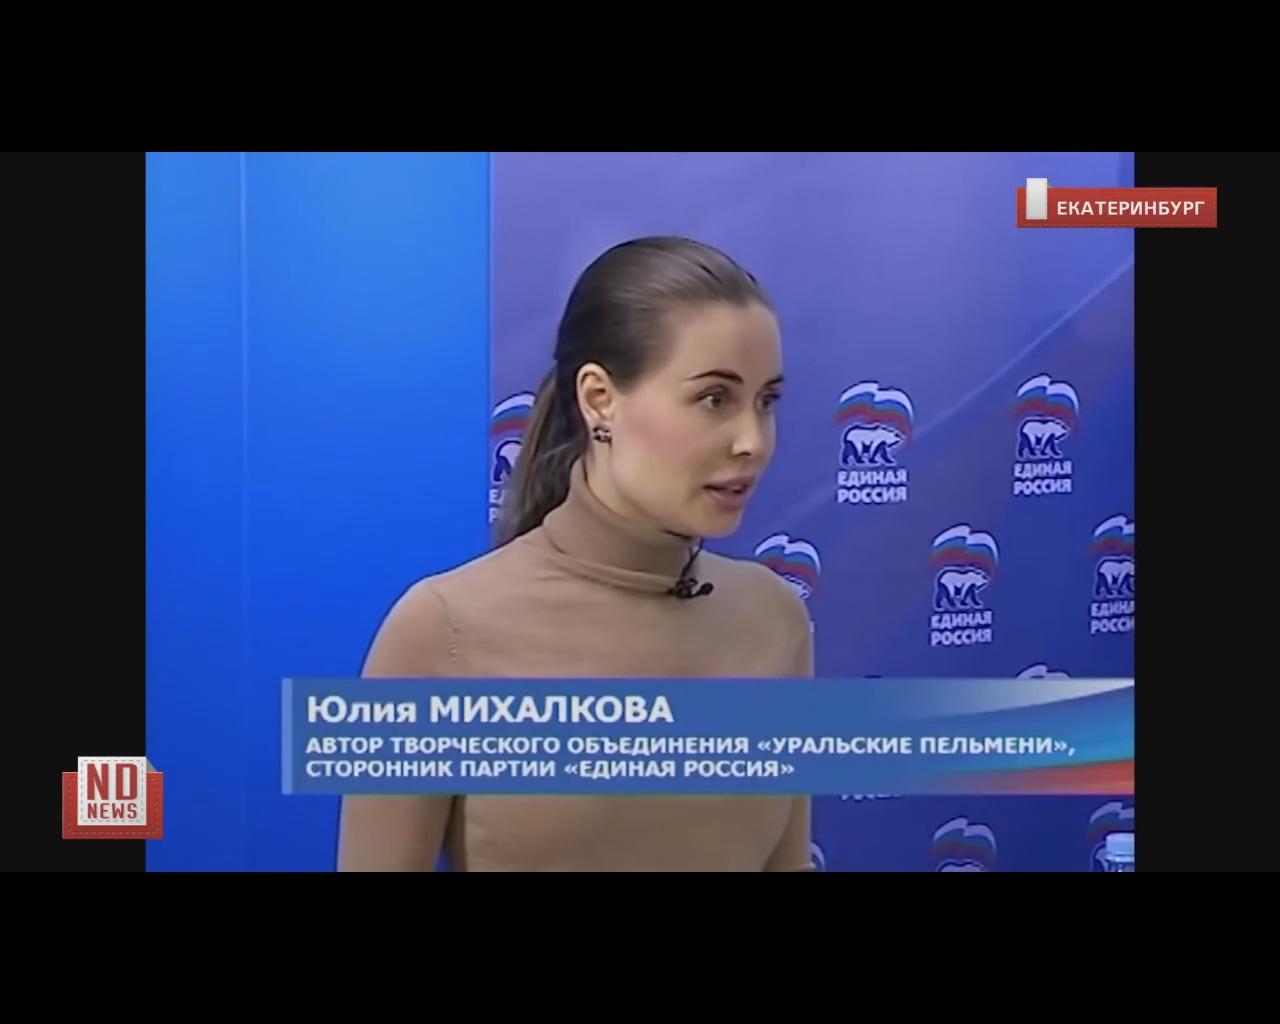 Виталий Кличко нервно курит в стороне - перлы от членов путинской партии (ВИДЕО)